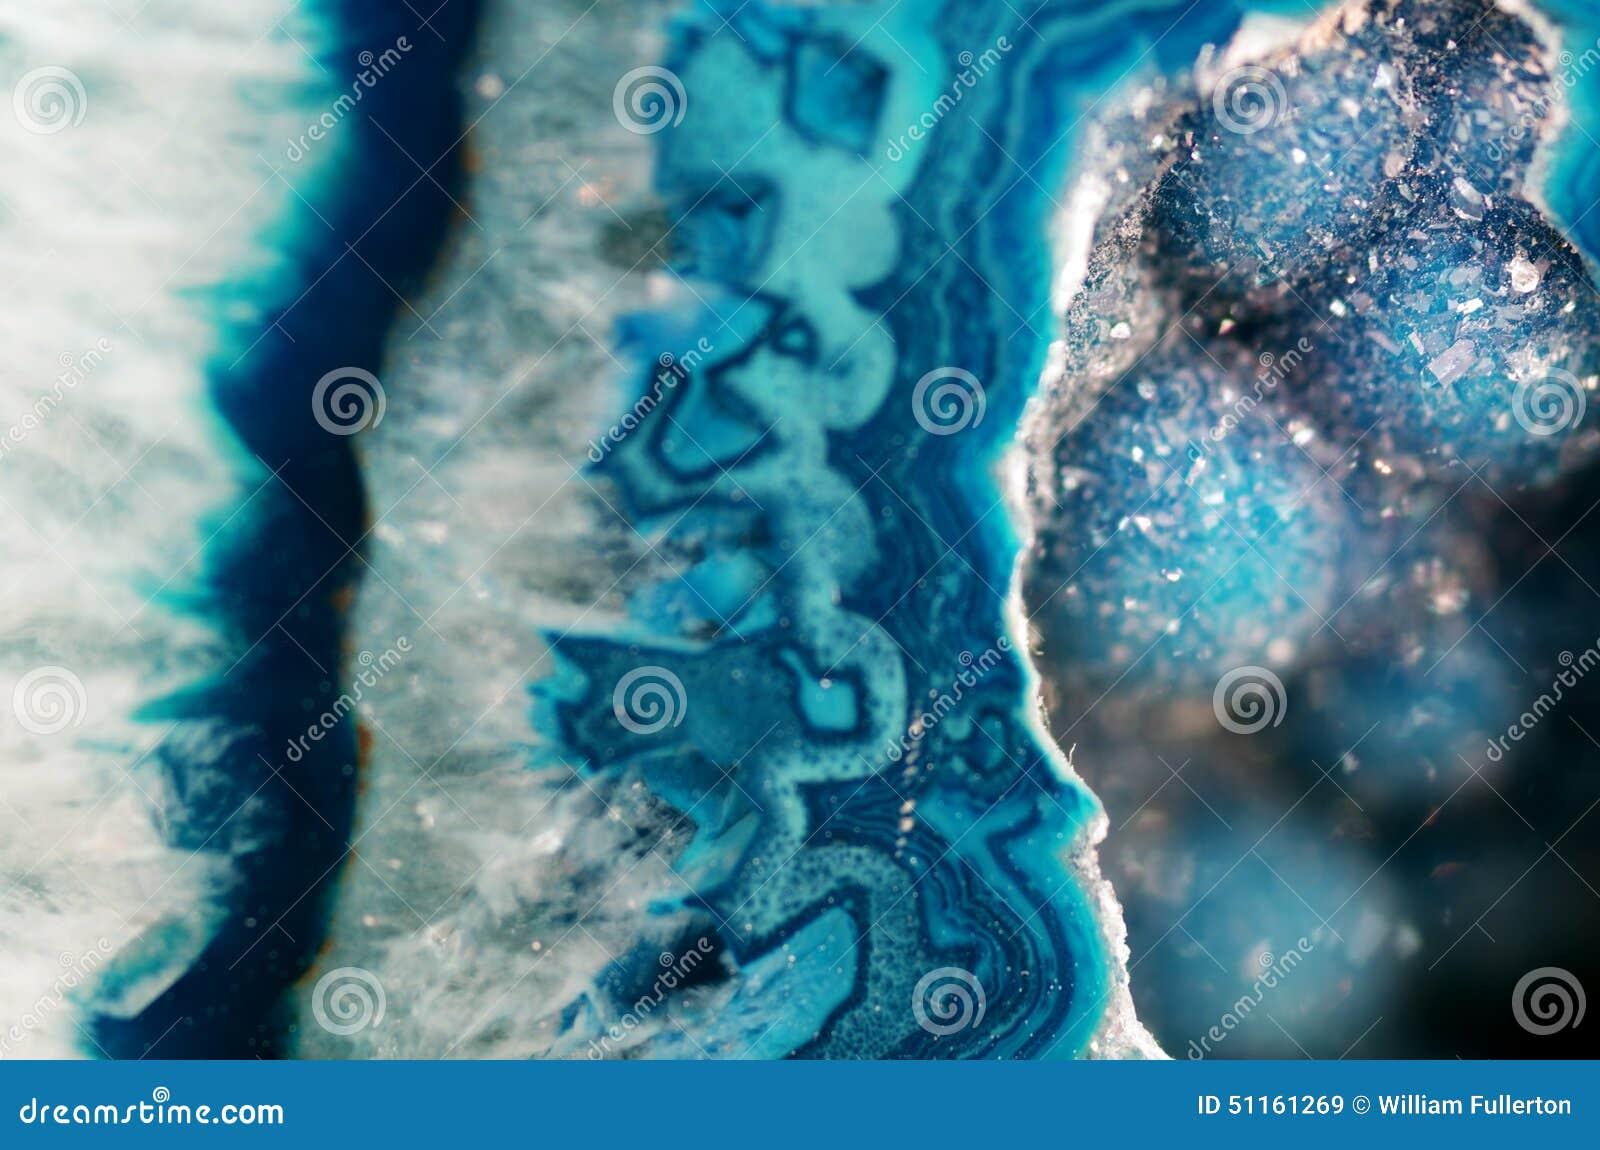 Teal Geode Macro